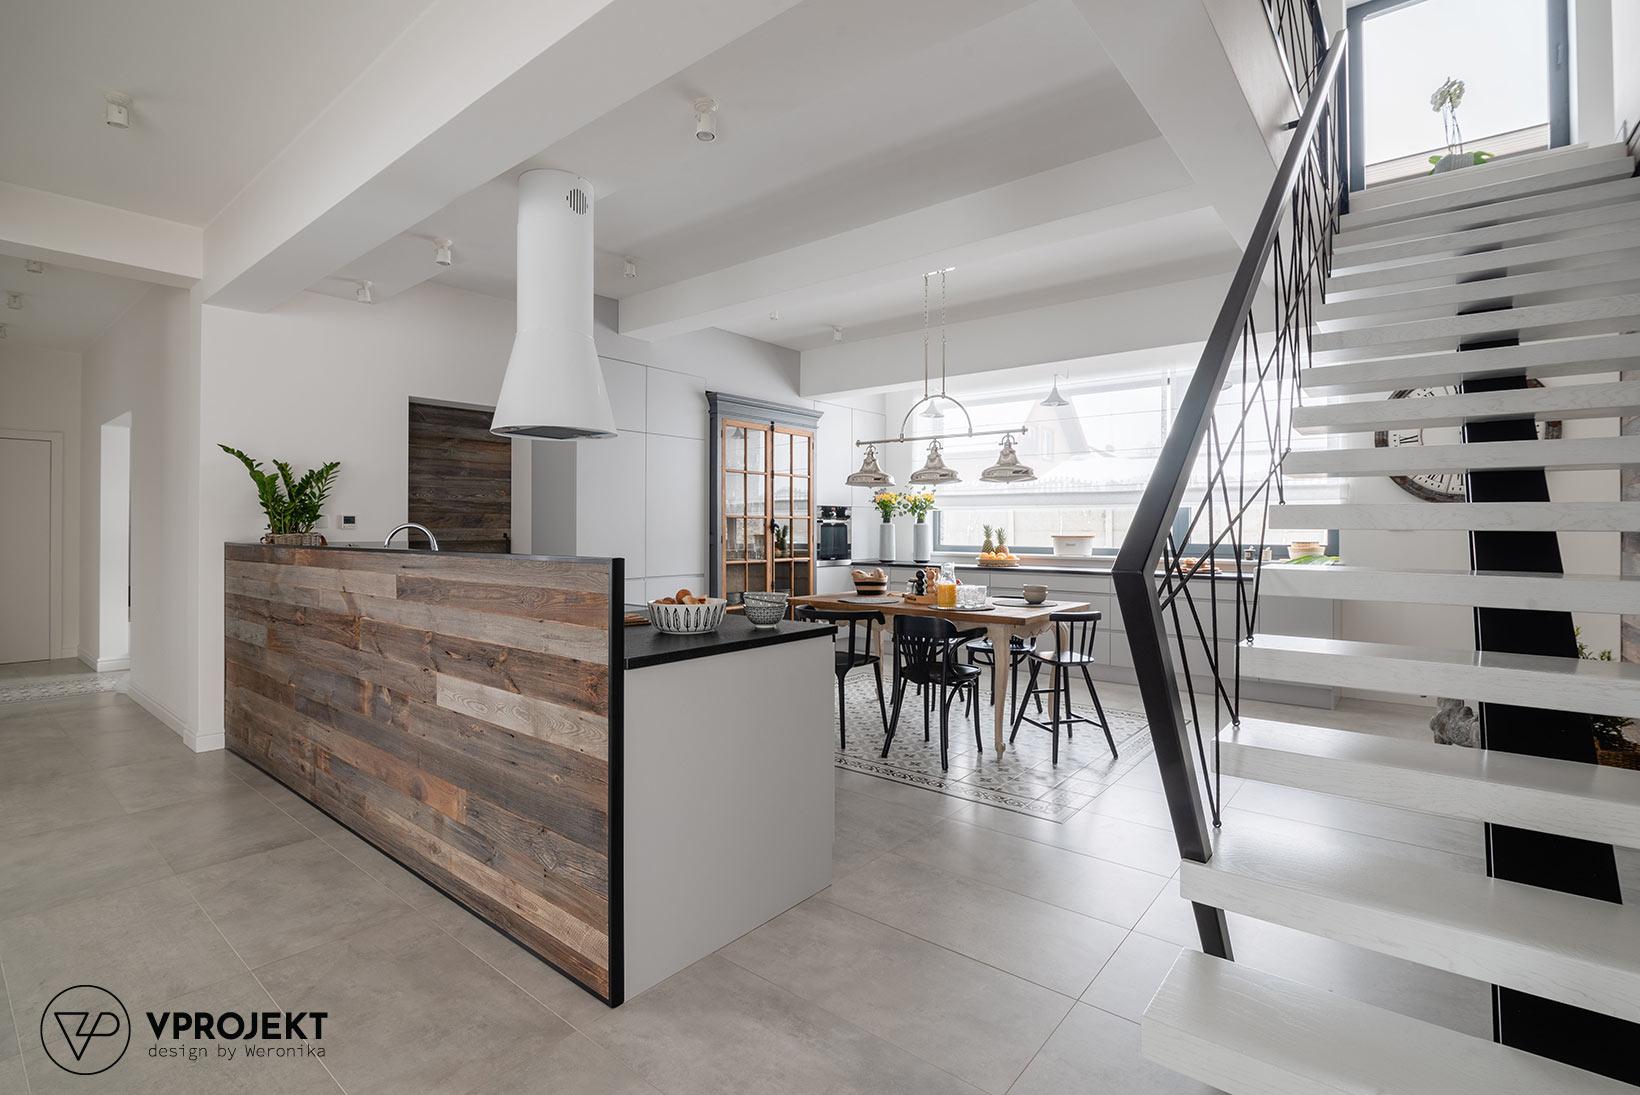 Wnętrze kuchni ze strefą jadalnianą, widok od strony salonu